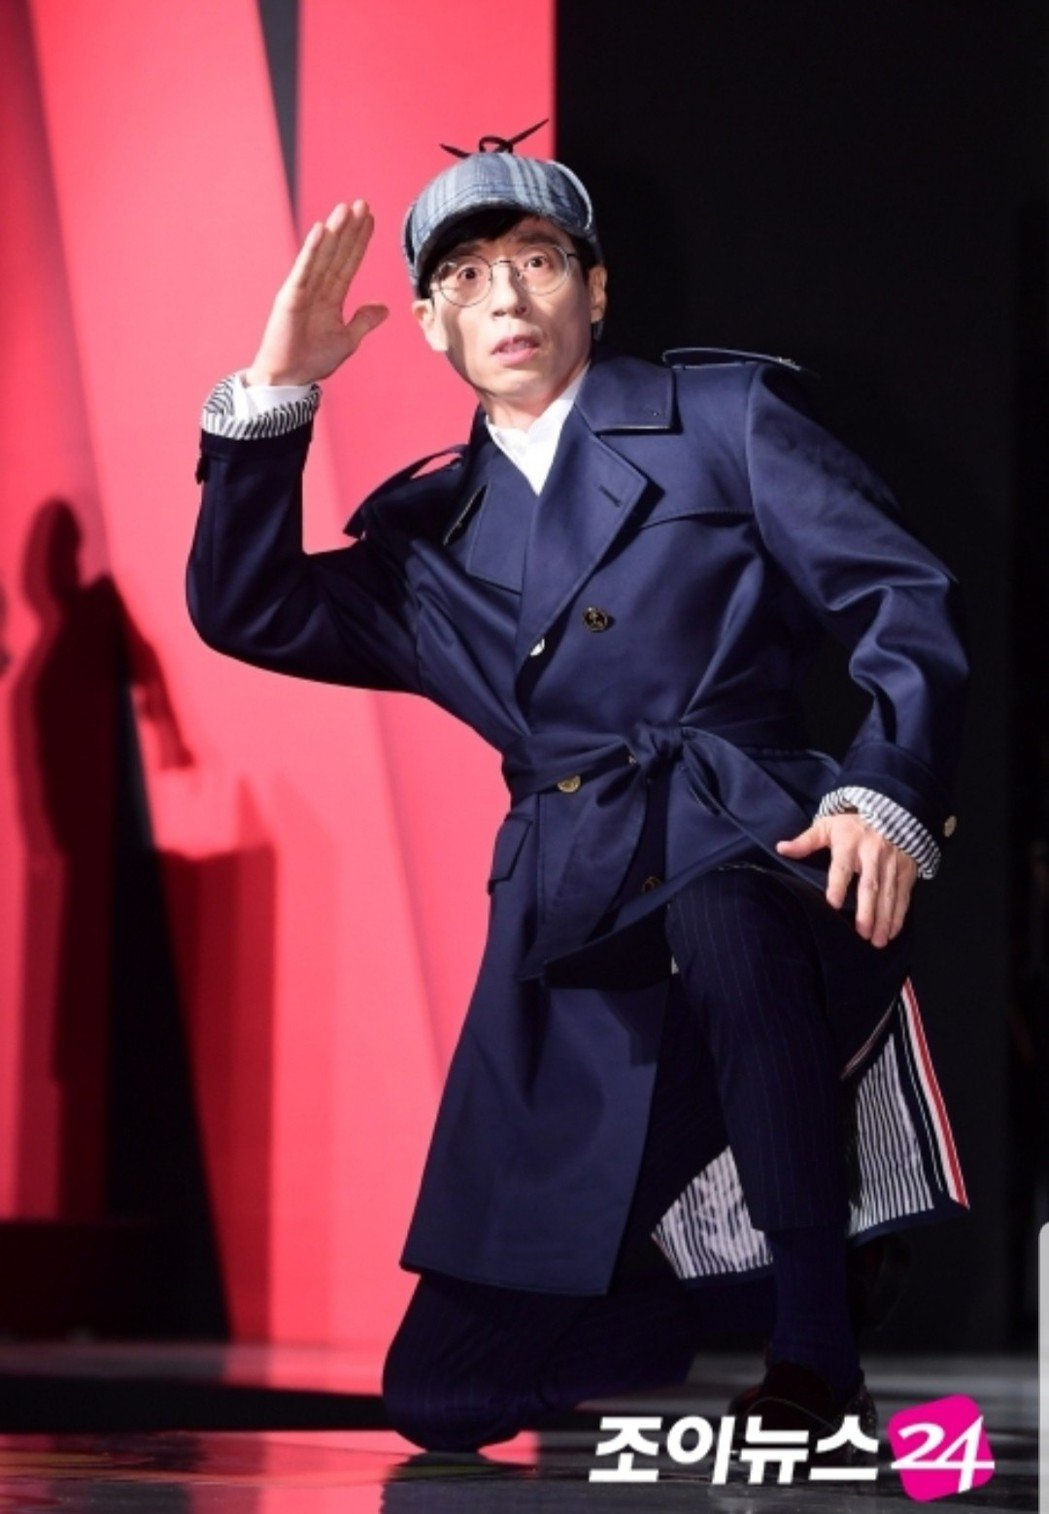 劉在錫穿全套偵探裝。圖/摘自joynews